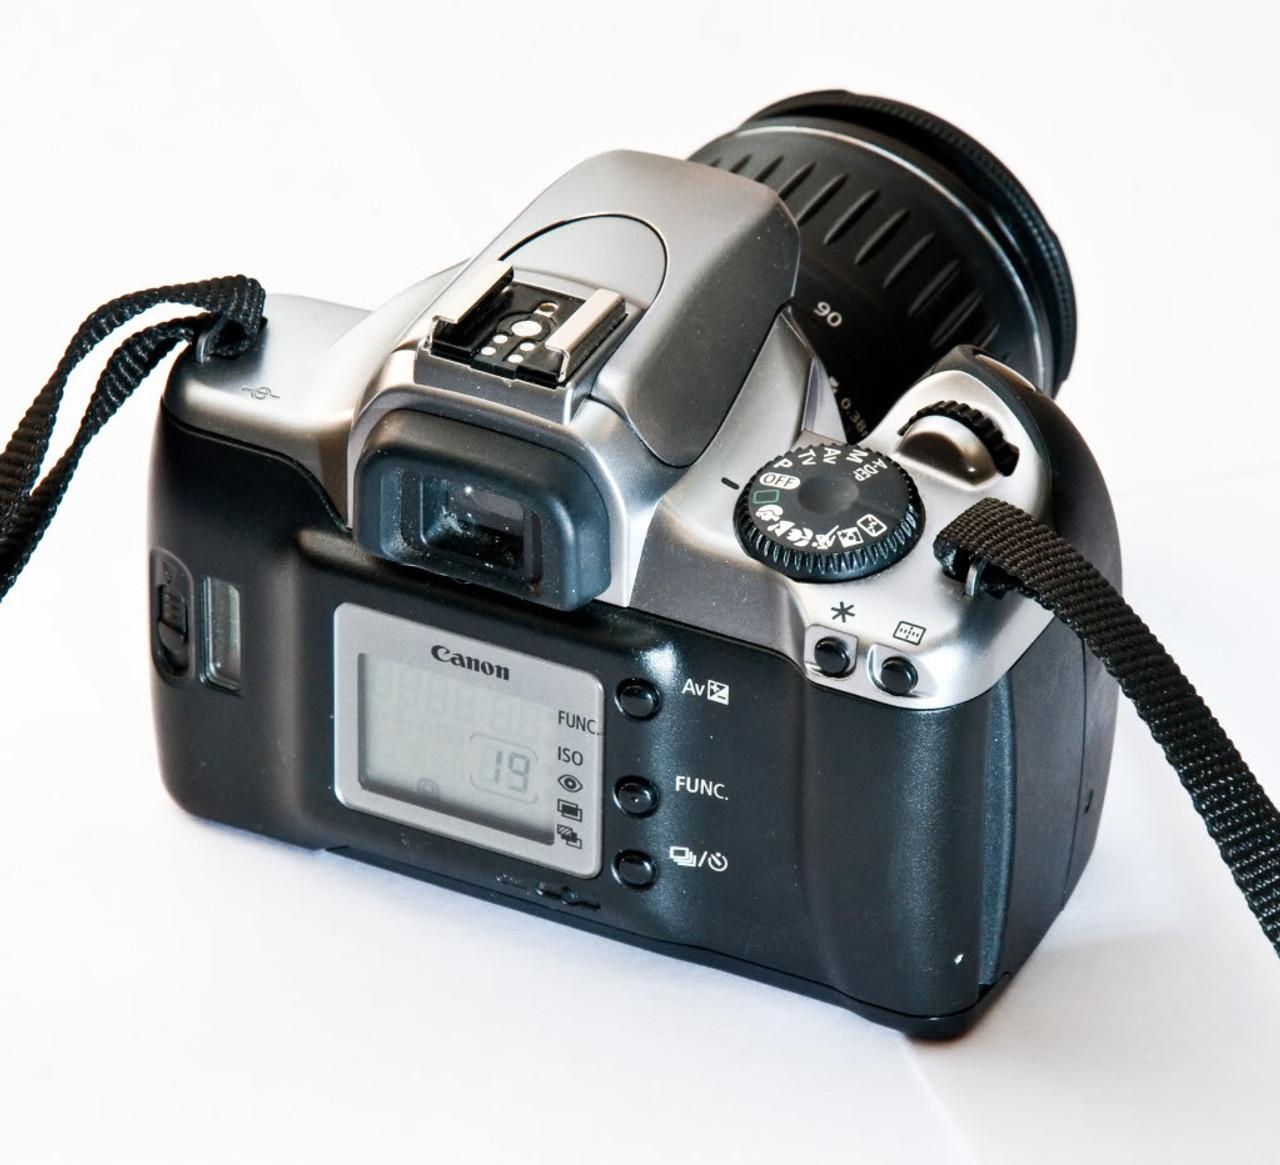 Canon EOS Rebel K2 SLR 35mm Film Camera (3580mm lens